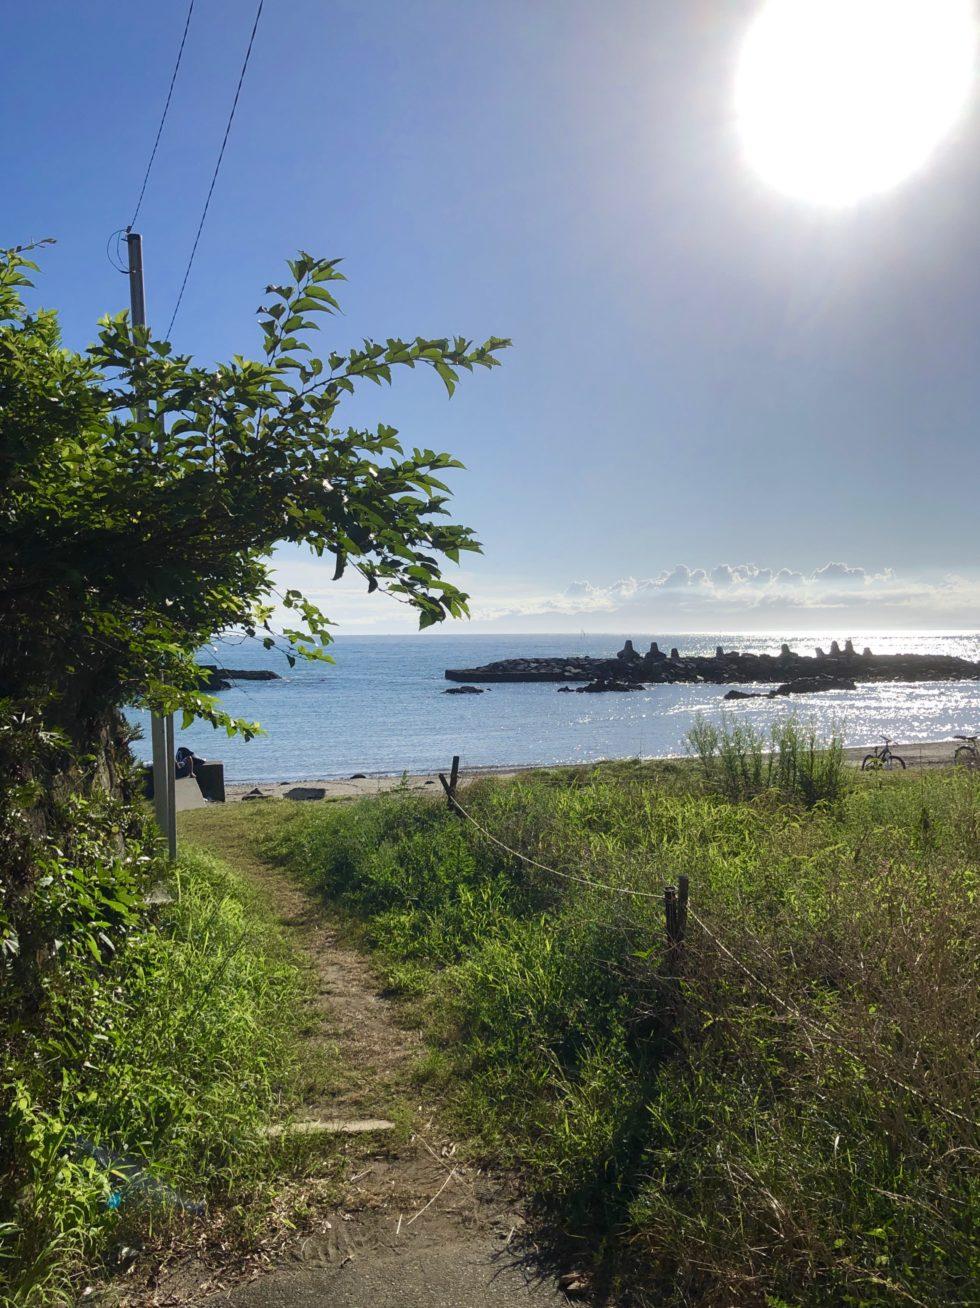 海が見えるホテル、うみのホテル、小径、散策、海辺